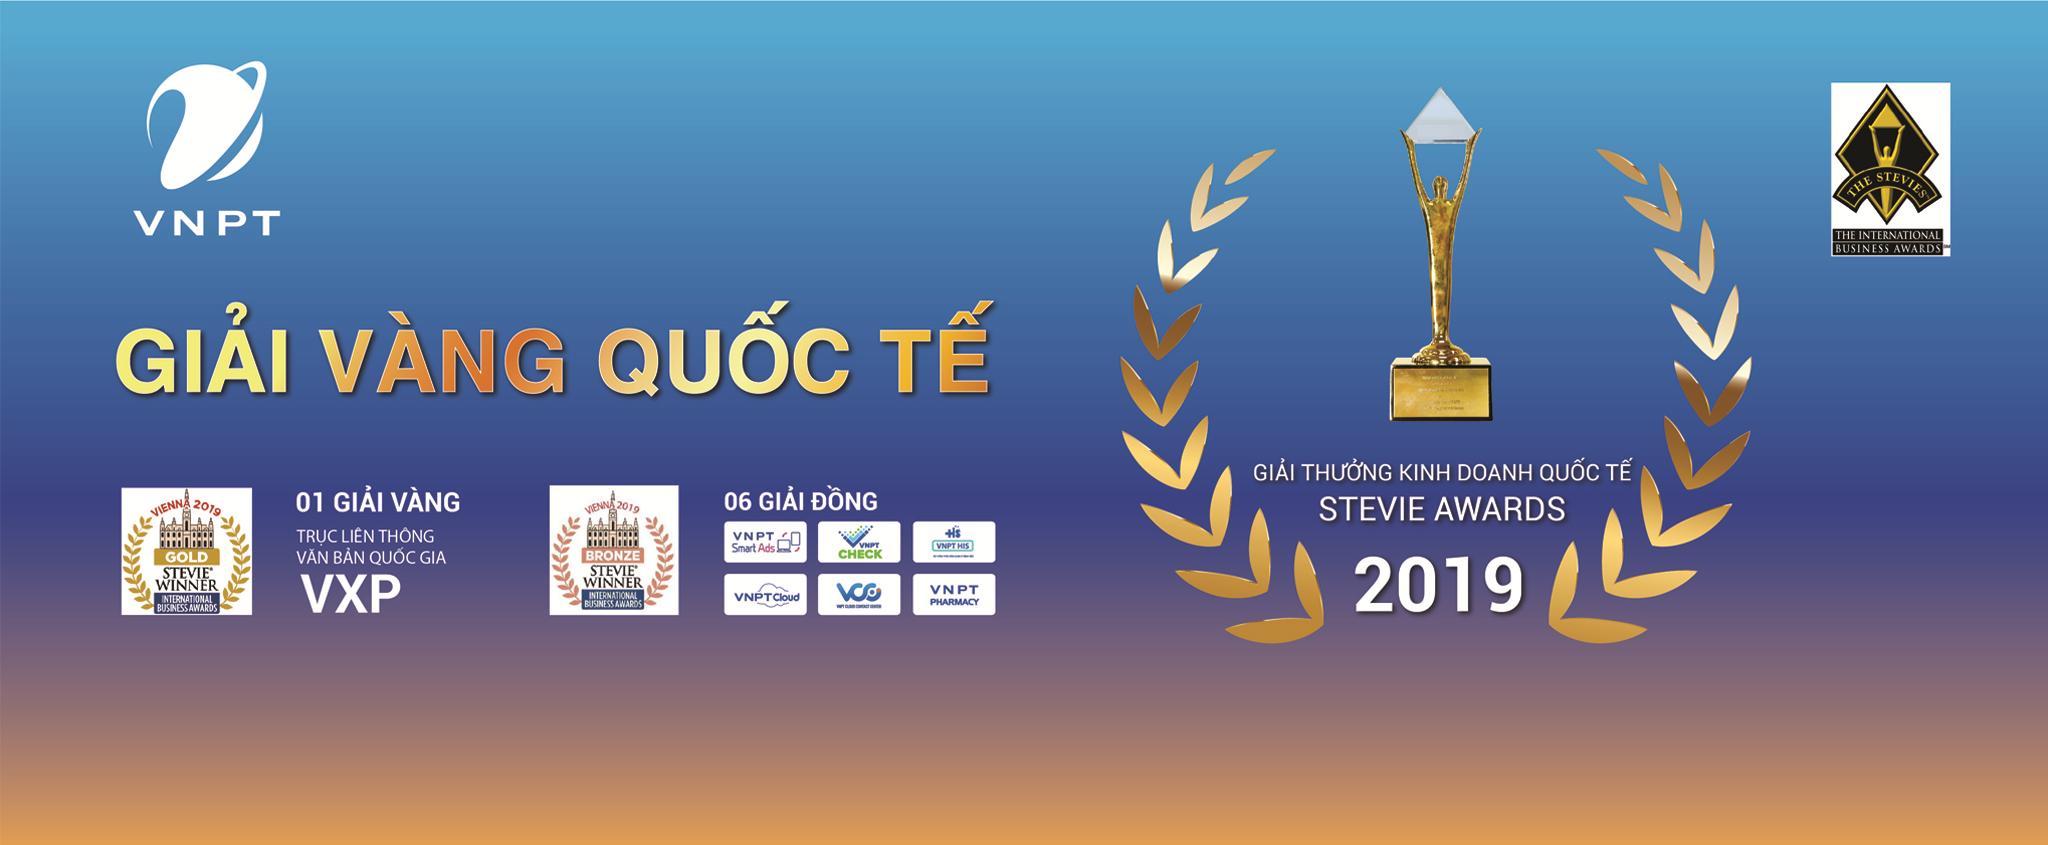 VNPT đạt giải thưởng Stevie awards IBA 2019